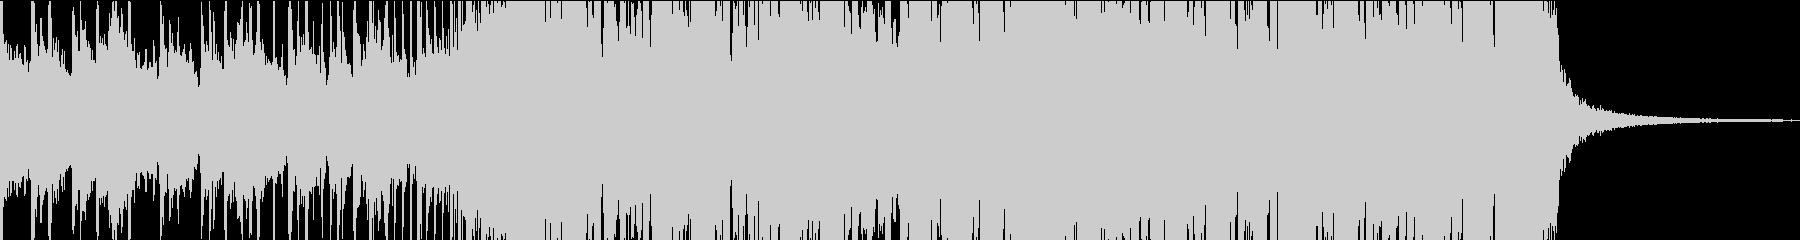 futurebass フューチャーベースの未再生の波形